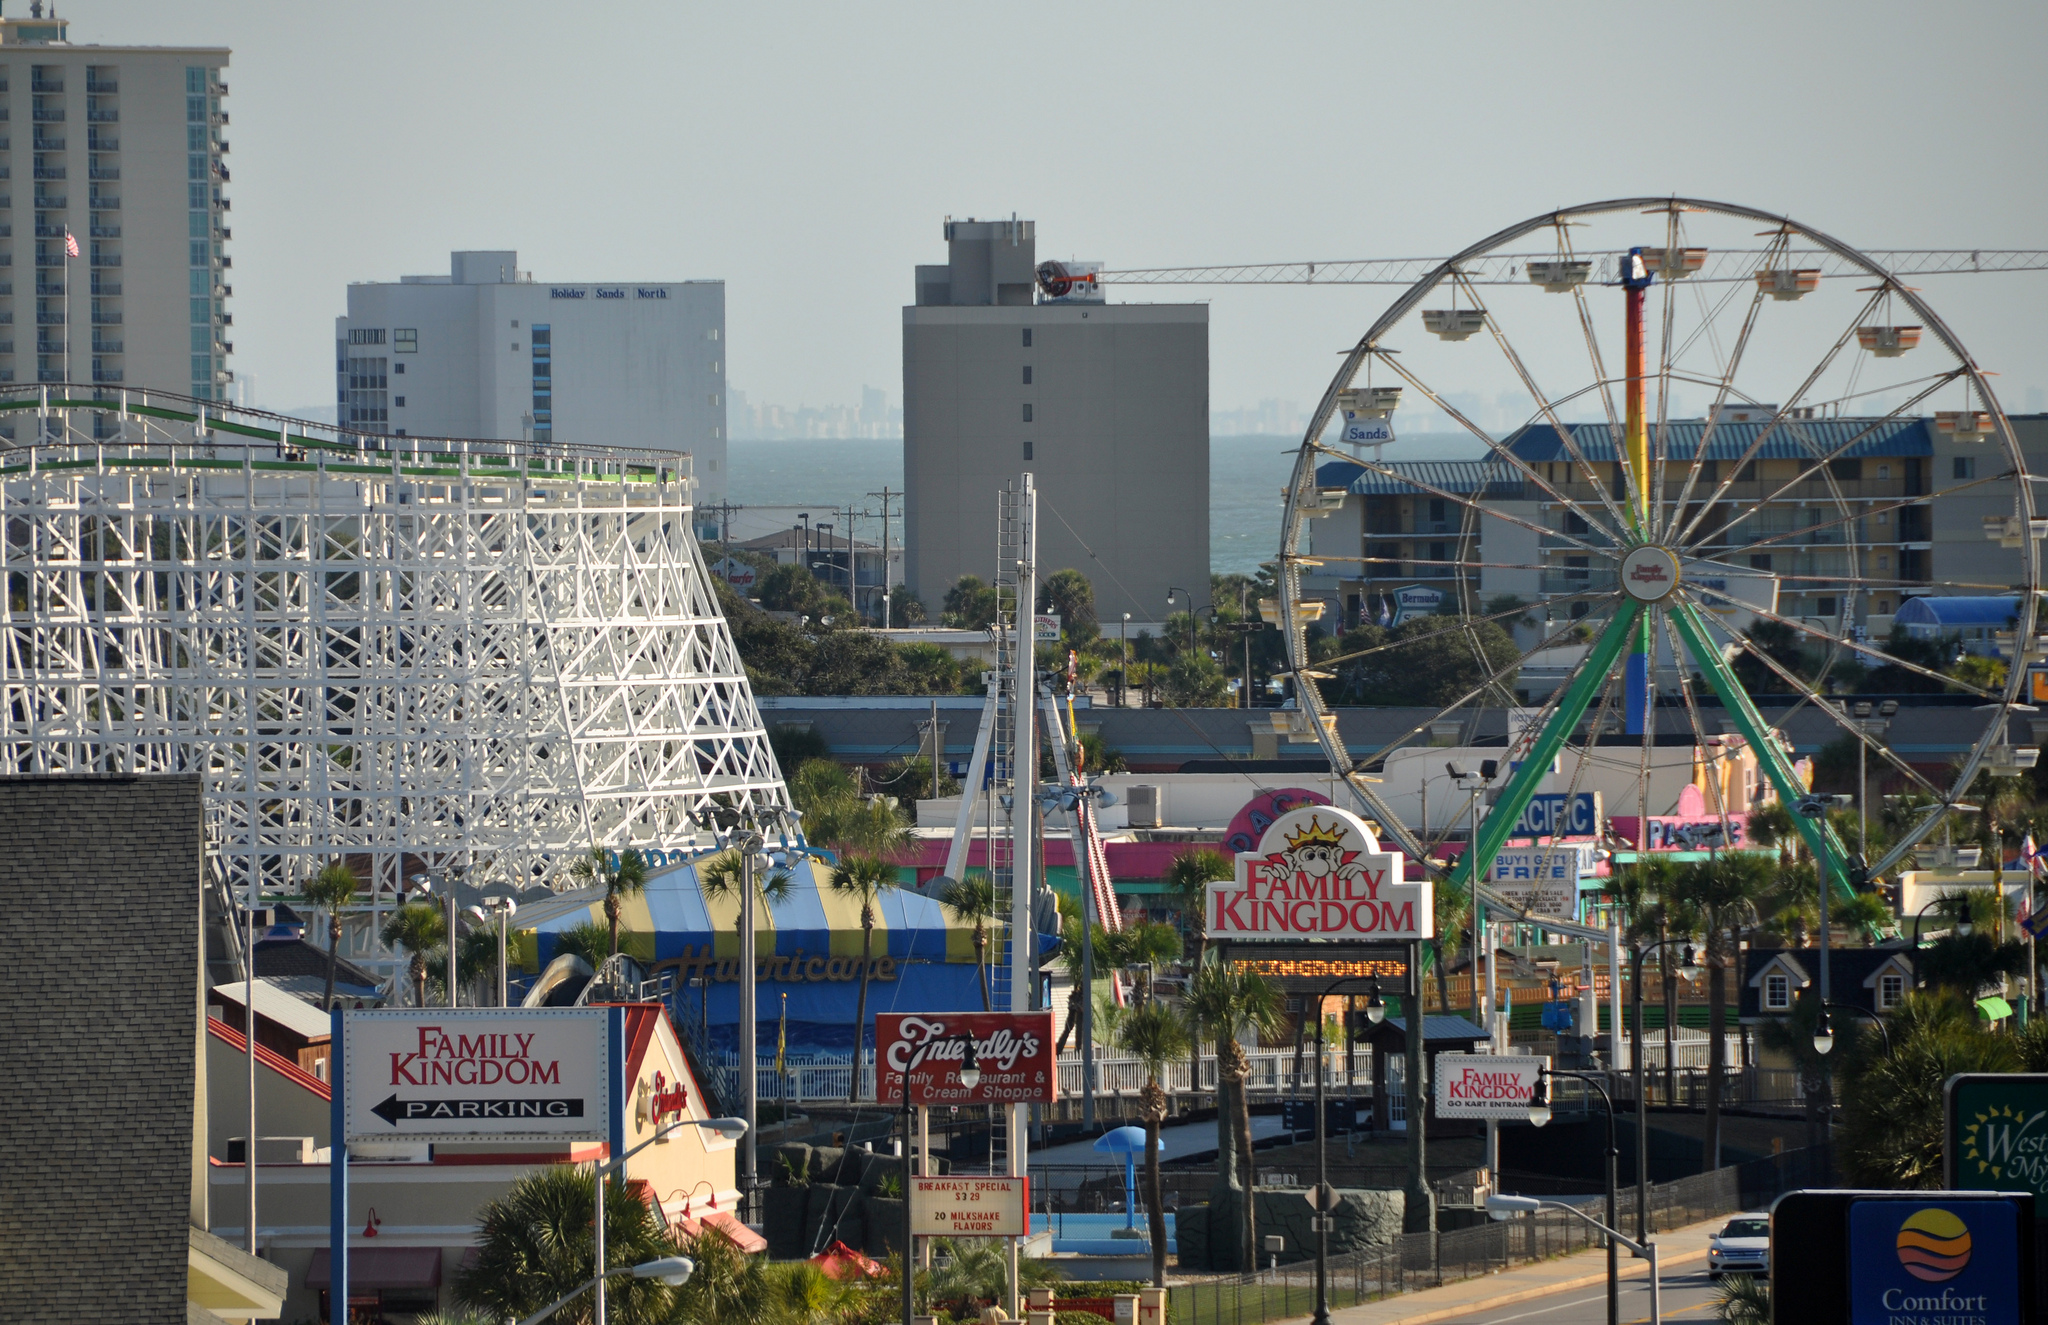 Myrtle Beach Sc Amusement Park View Vacation Club Loans